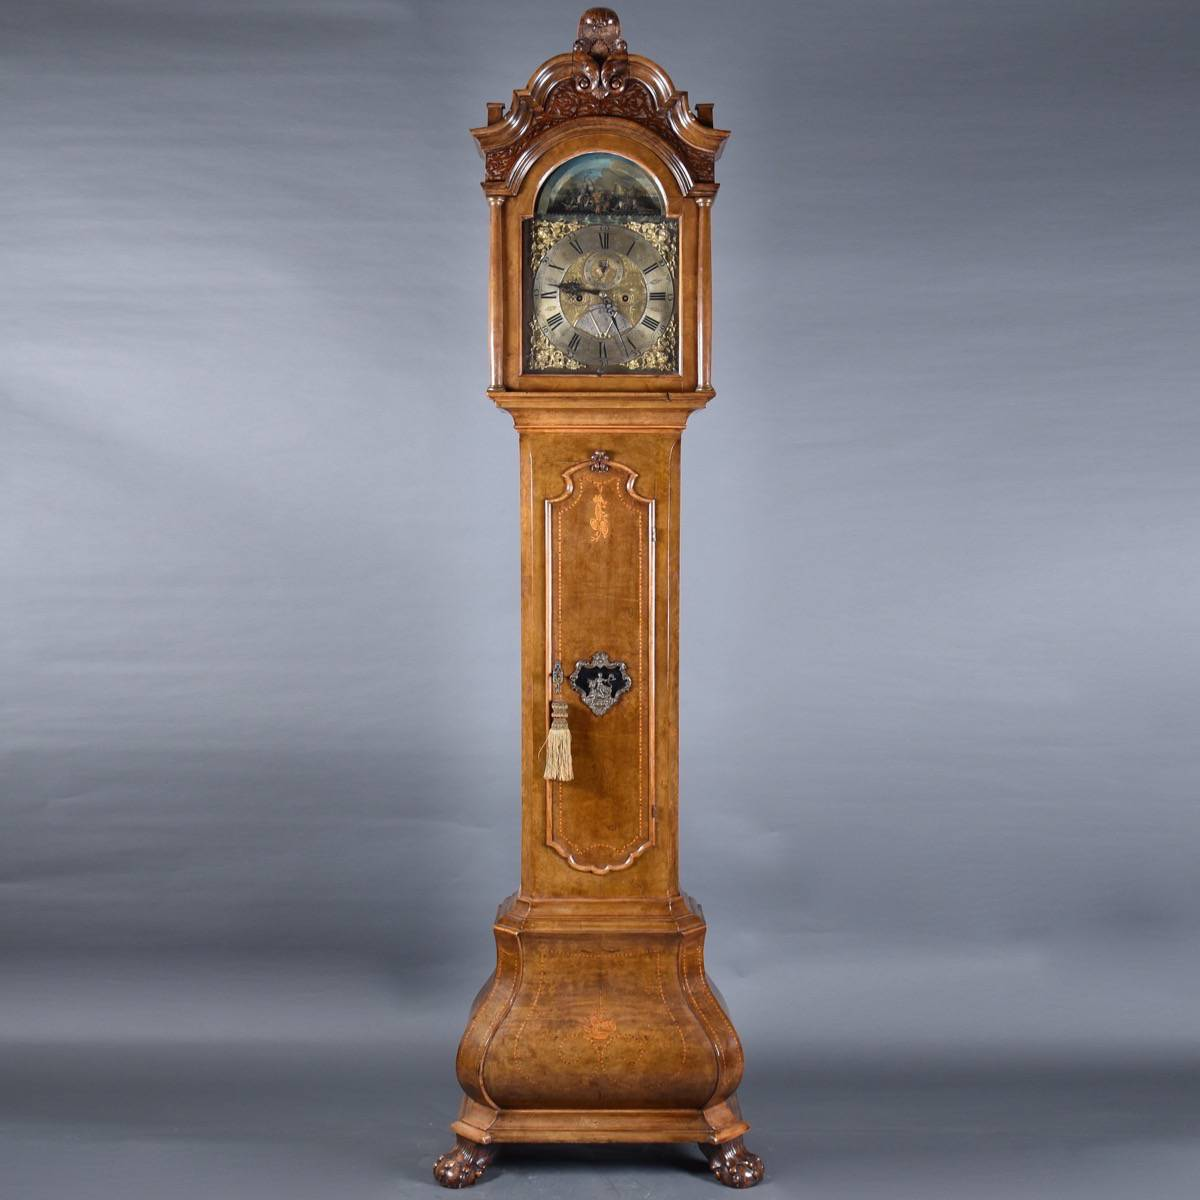 Dutch Tall Case Clock De Grande Dutch Antique Furniture